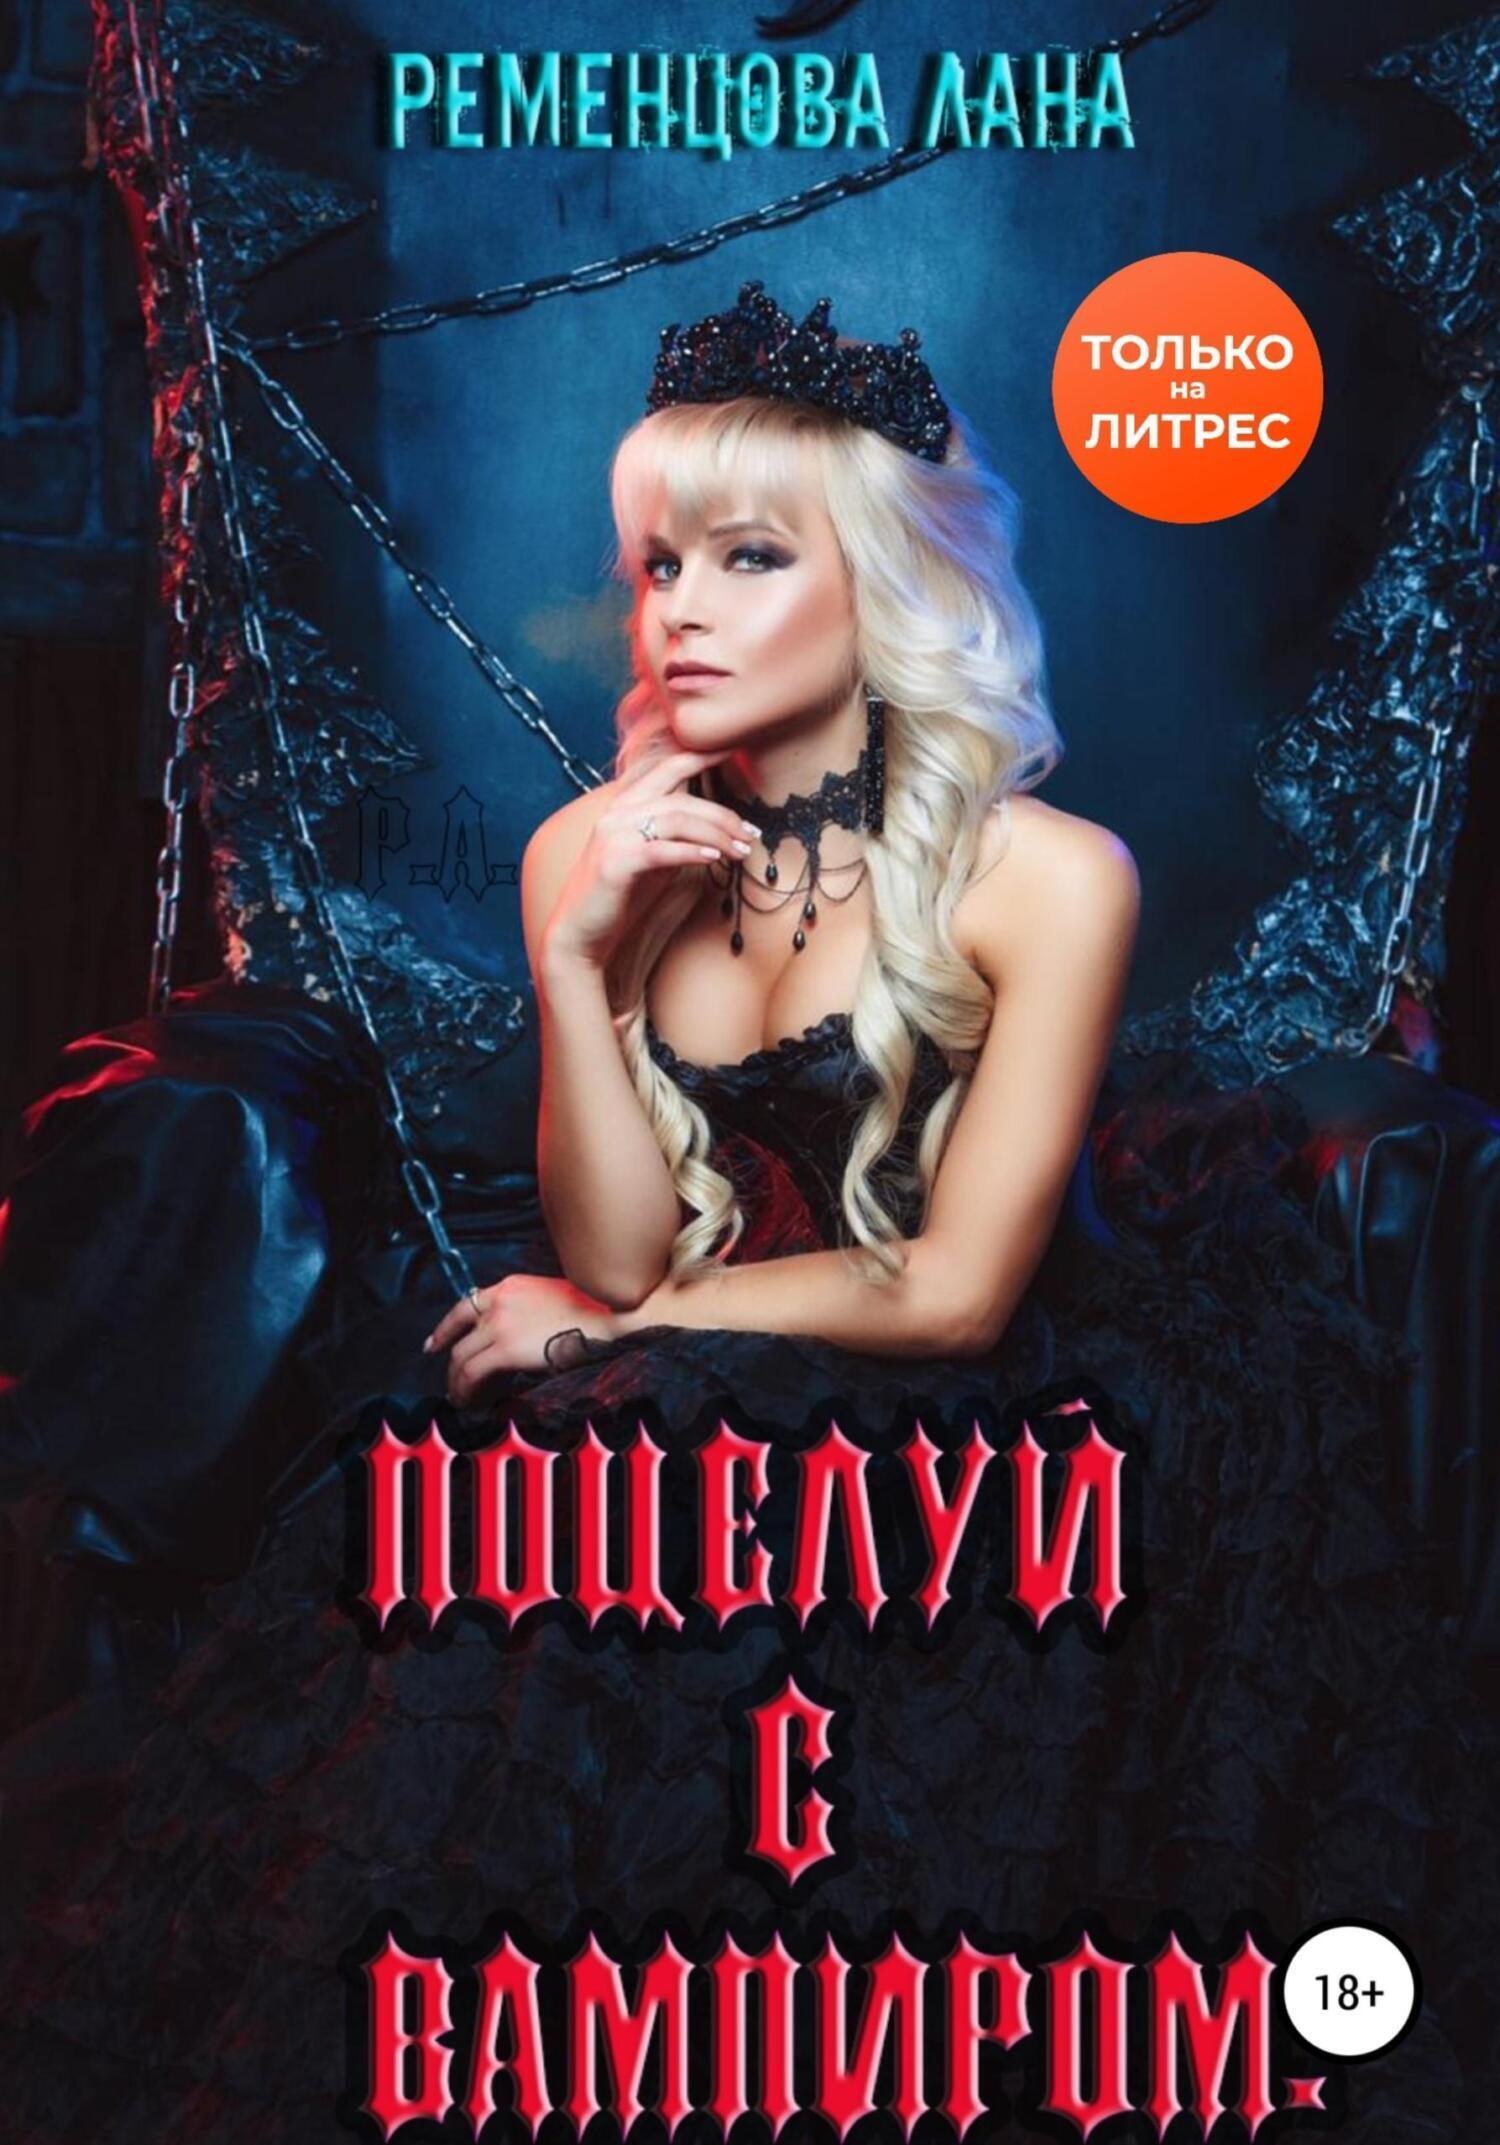 Купить книгу Поцелуй с вампиром, автора Ланы Александровны Ременцовой